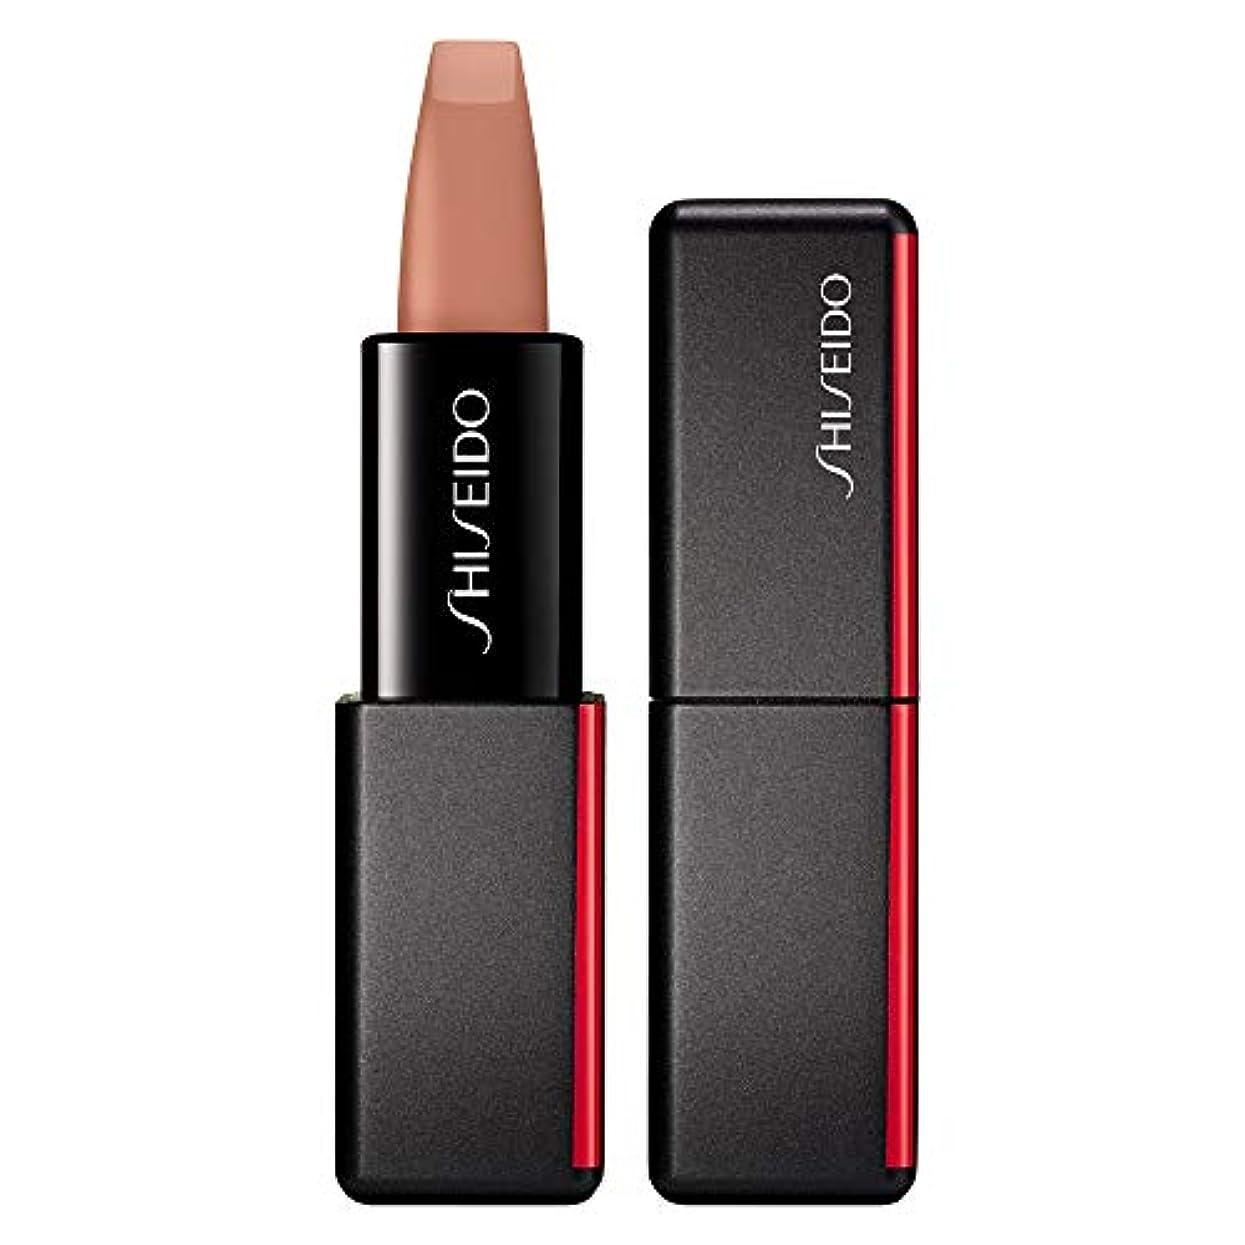 華氏テスピアン解き明かす資生堂 ModernMatte Powder Lipstick - # 502 Whisper (Nude Pink) 4g/0.14oz並行輸入品